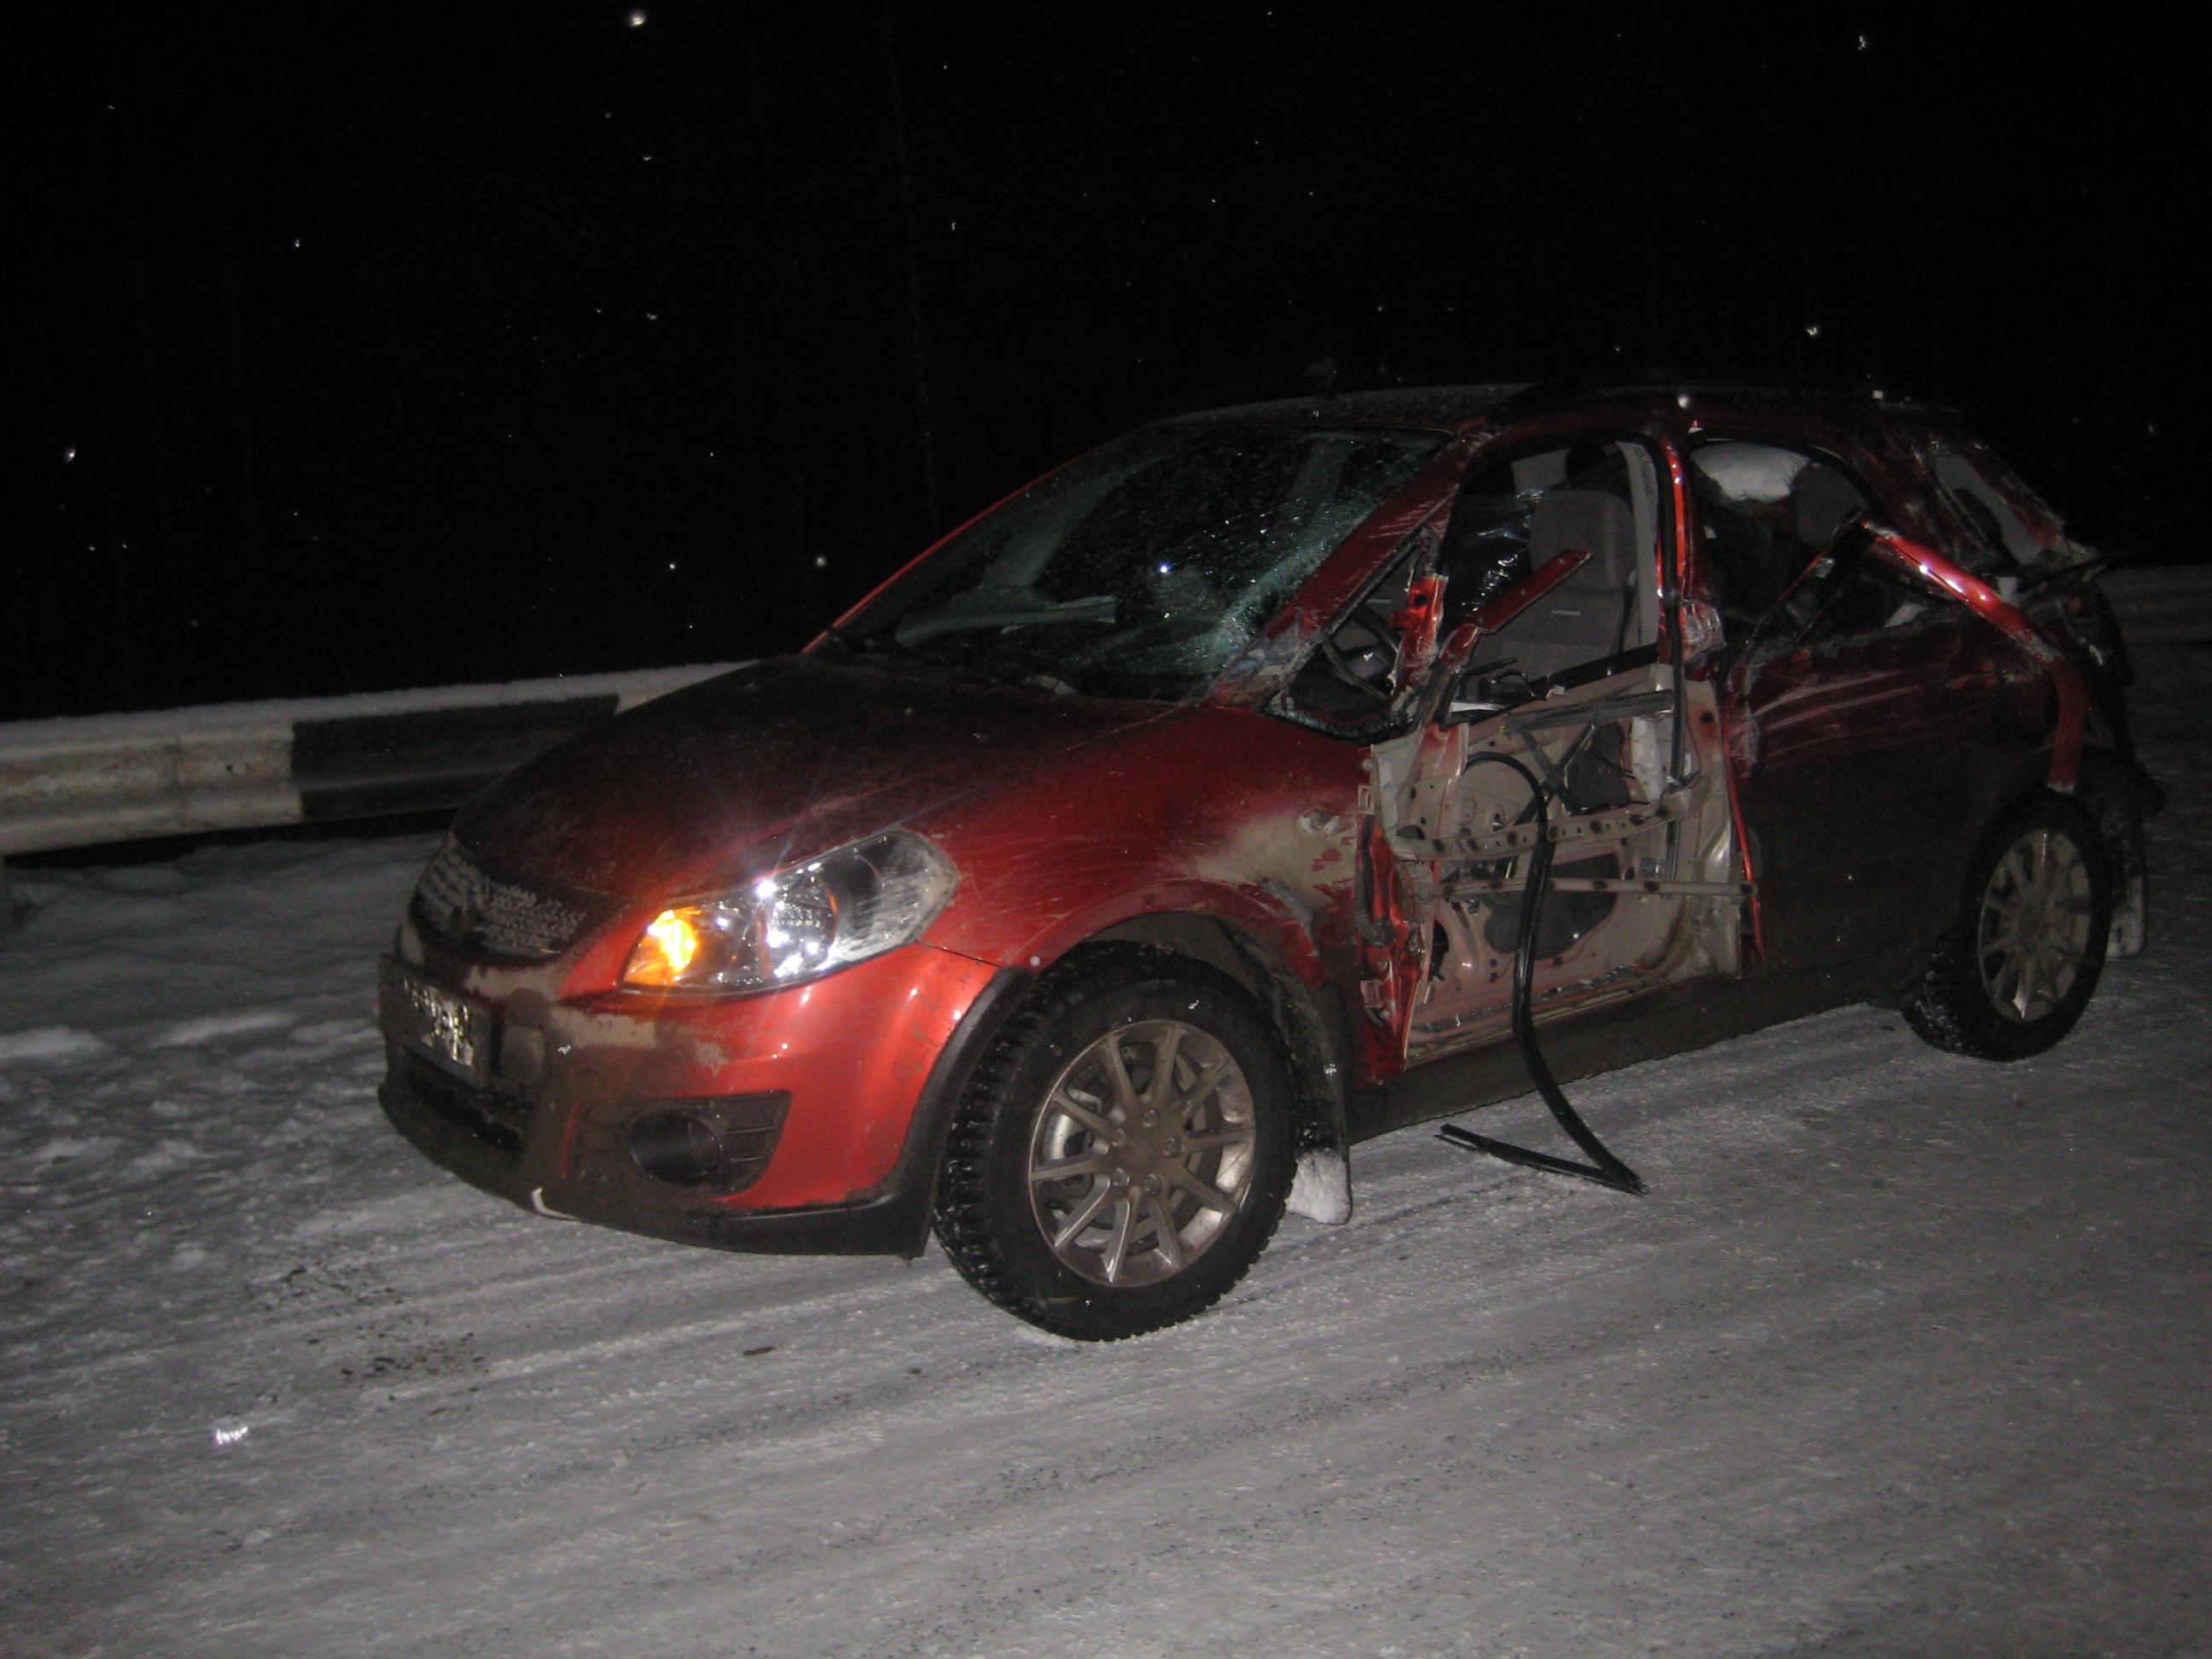 Под Екатеринбургом грузовик выбил с дороги легковушку с детьми